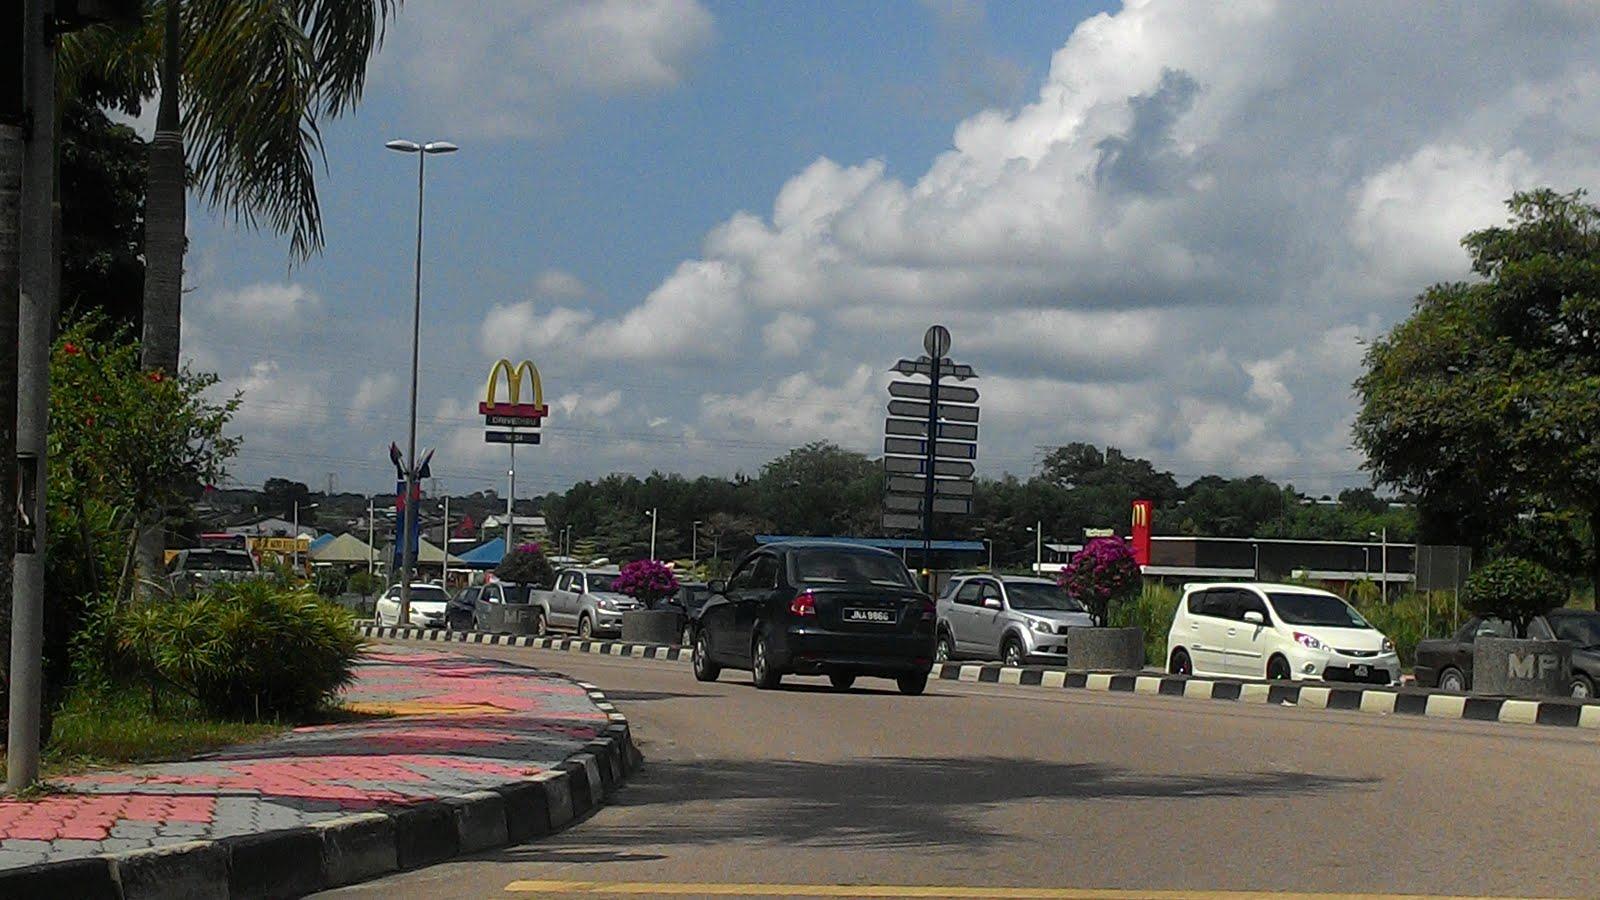 Mcdonald Drive Thru, Jalan Batu Pahat, Kluang Johor